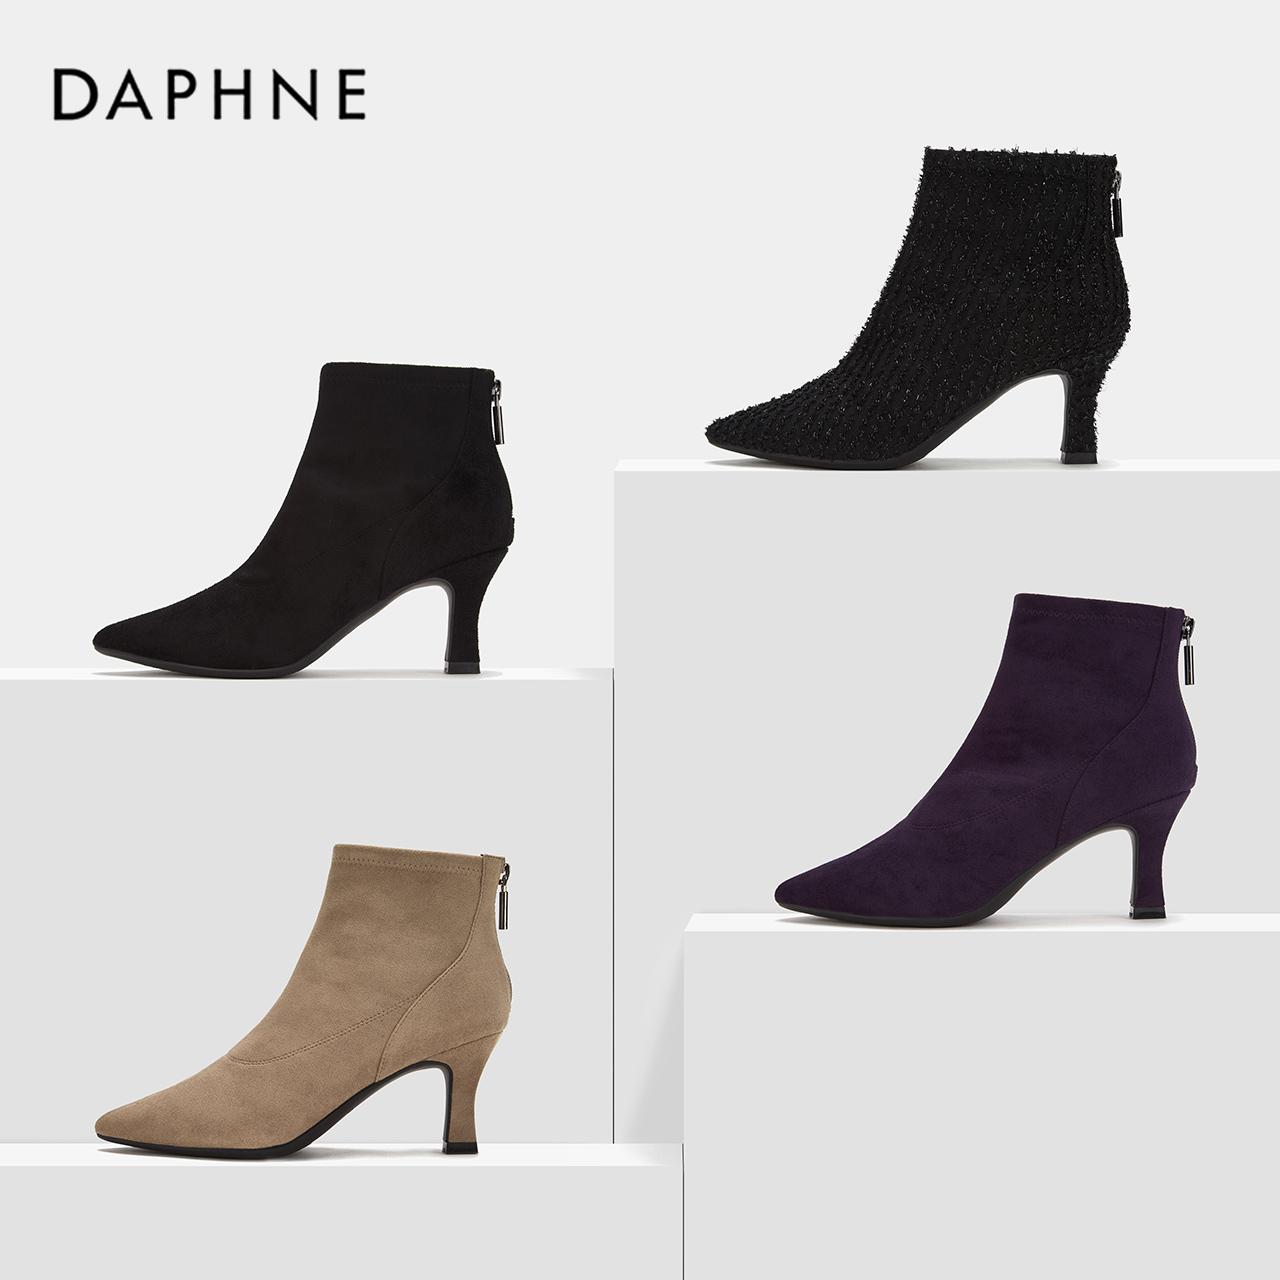 秋简约尖头中跟踝靴优雅套脚时装靴 2019 达芙妮 Daphne